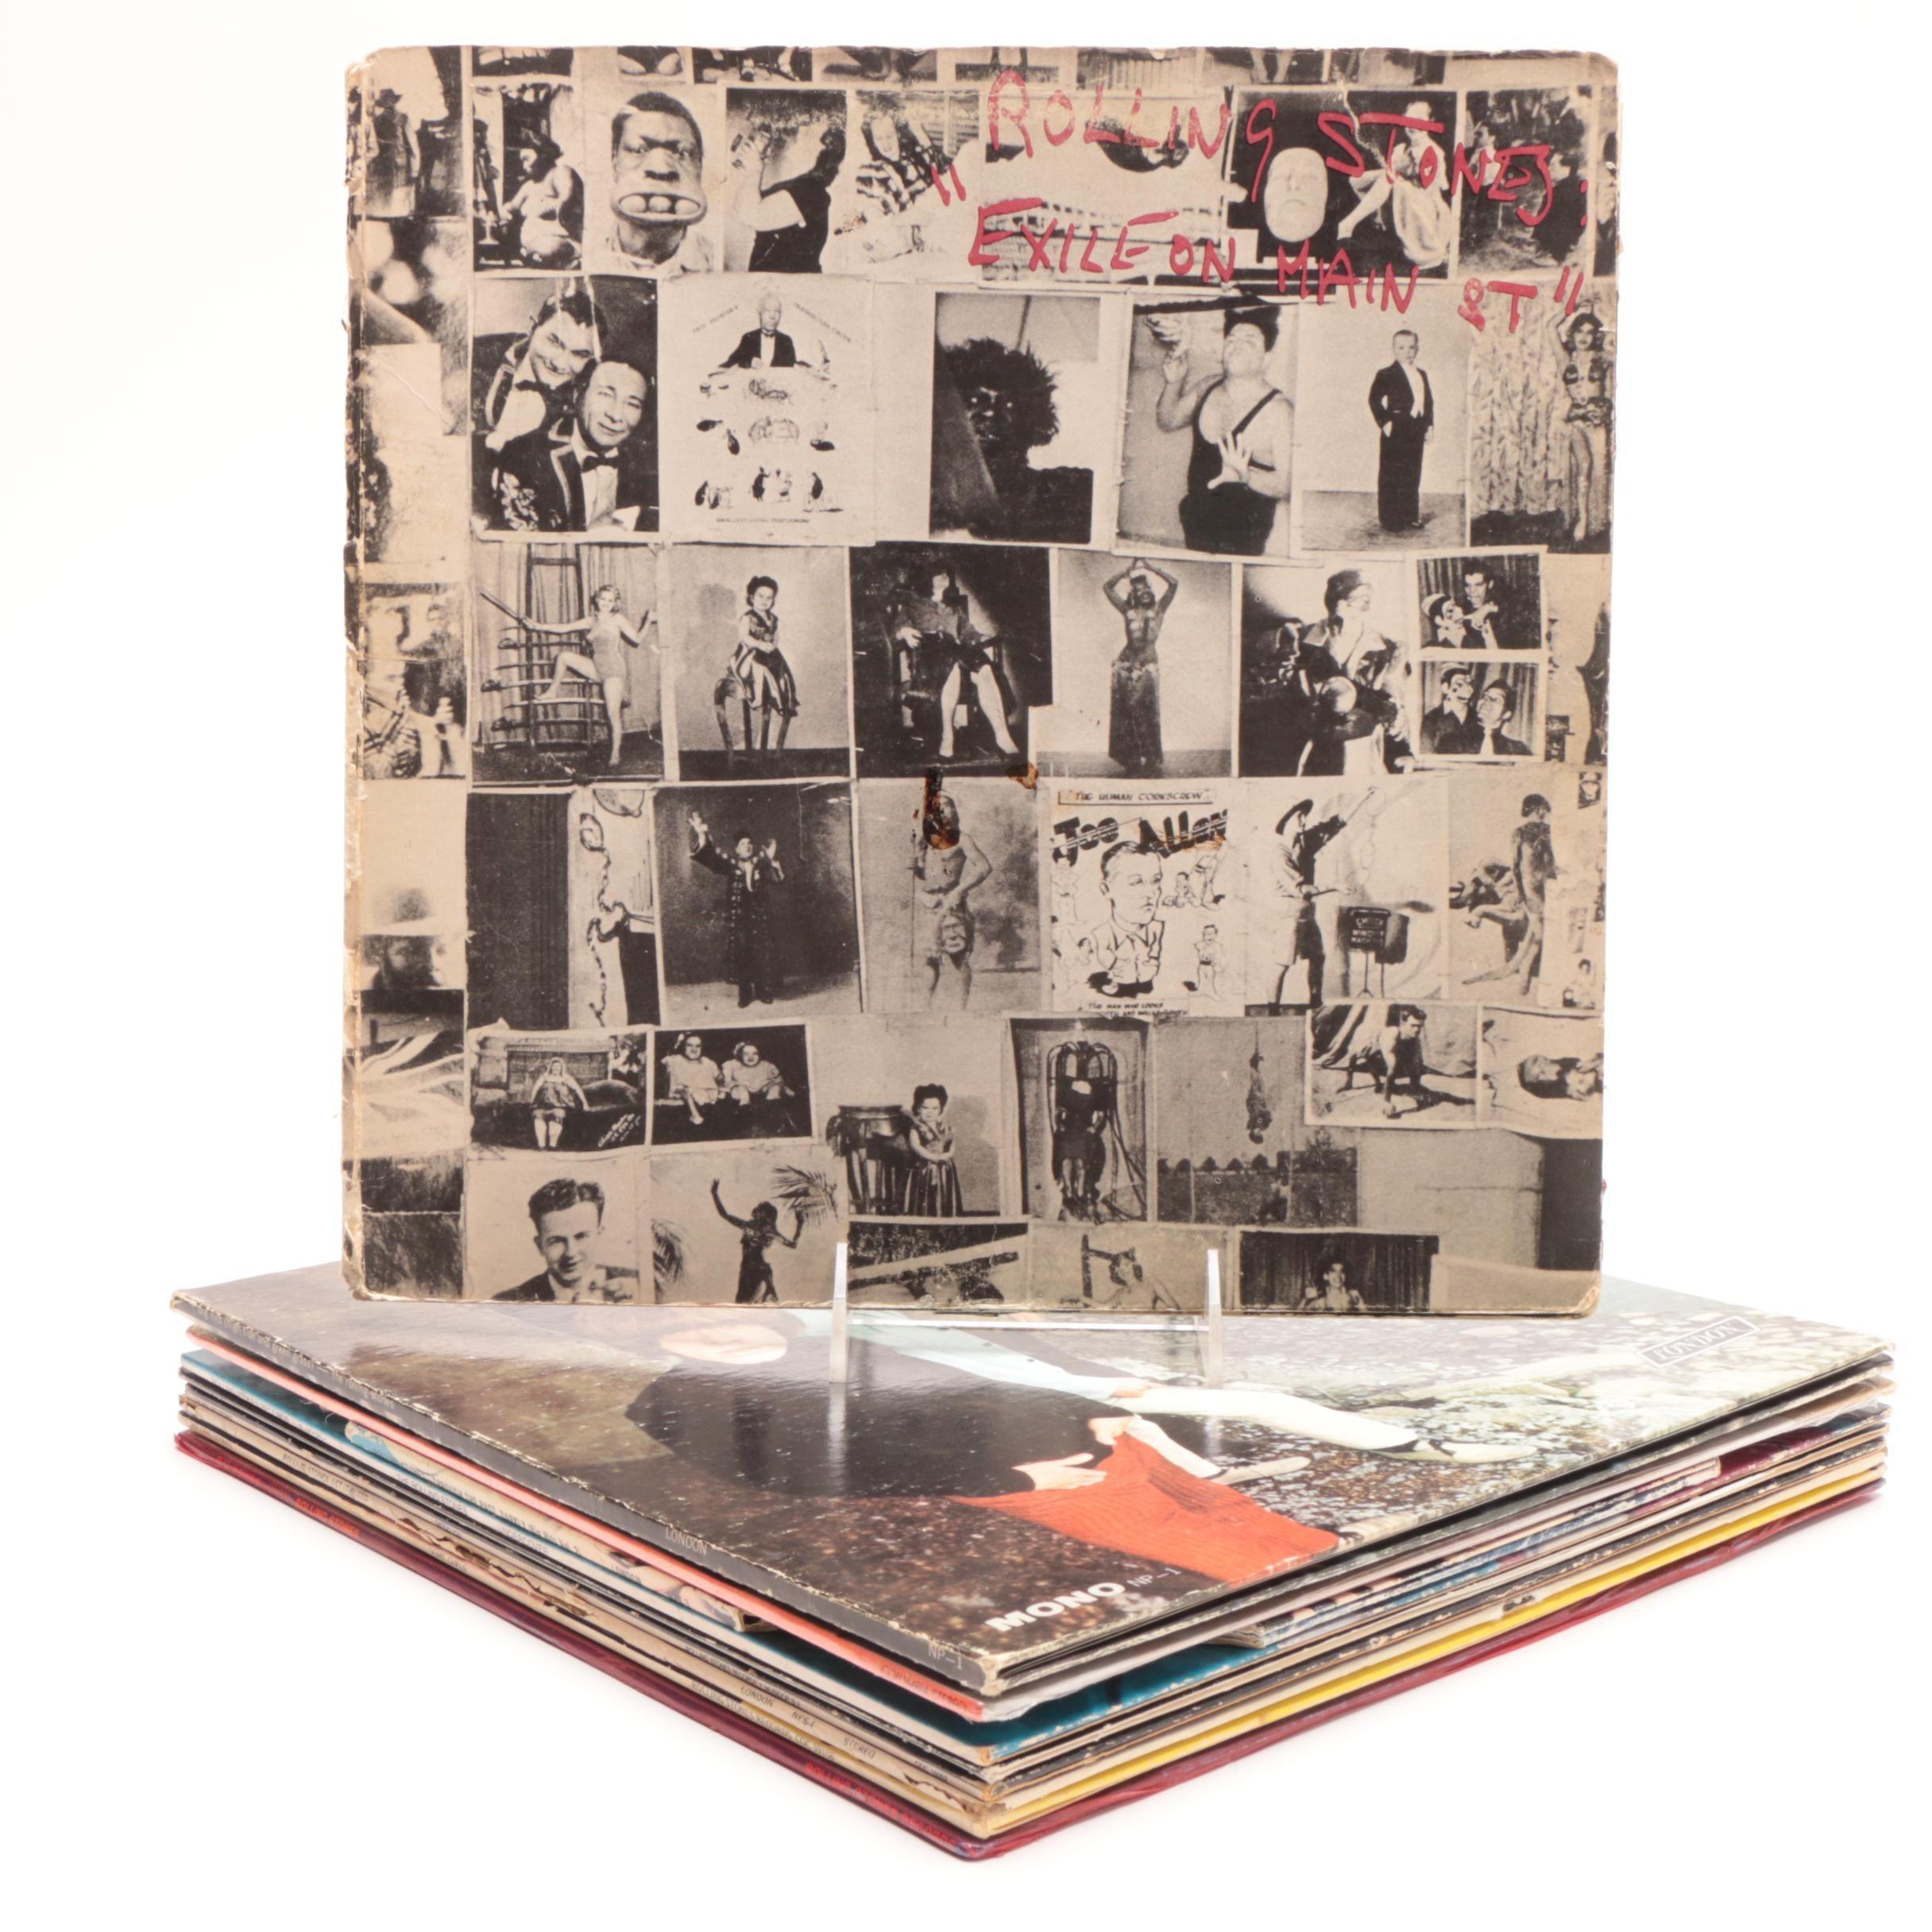 Rolling Stones Vinyl Records